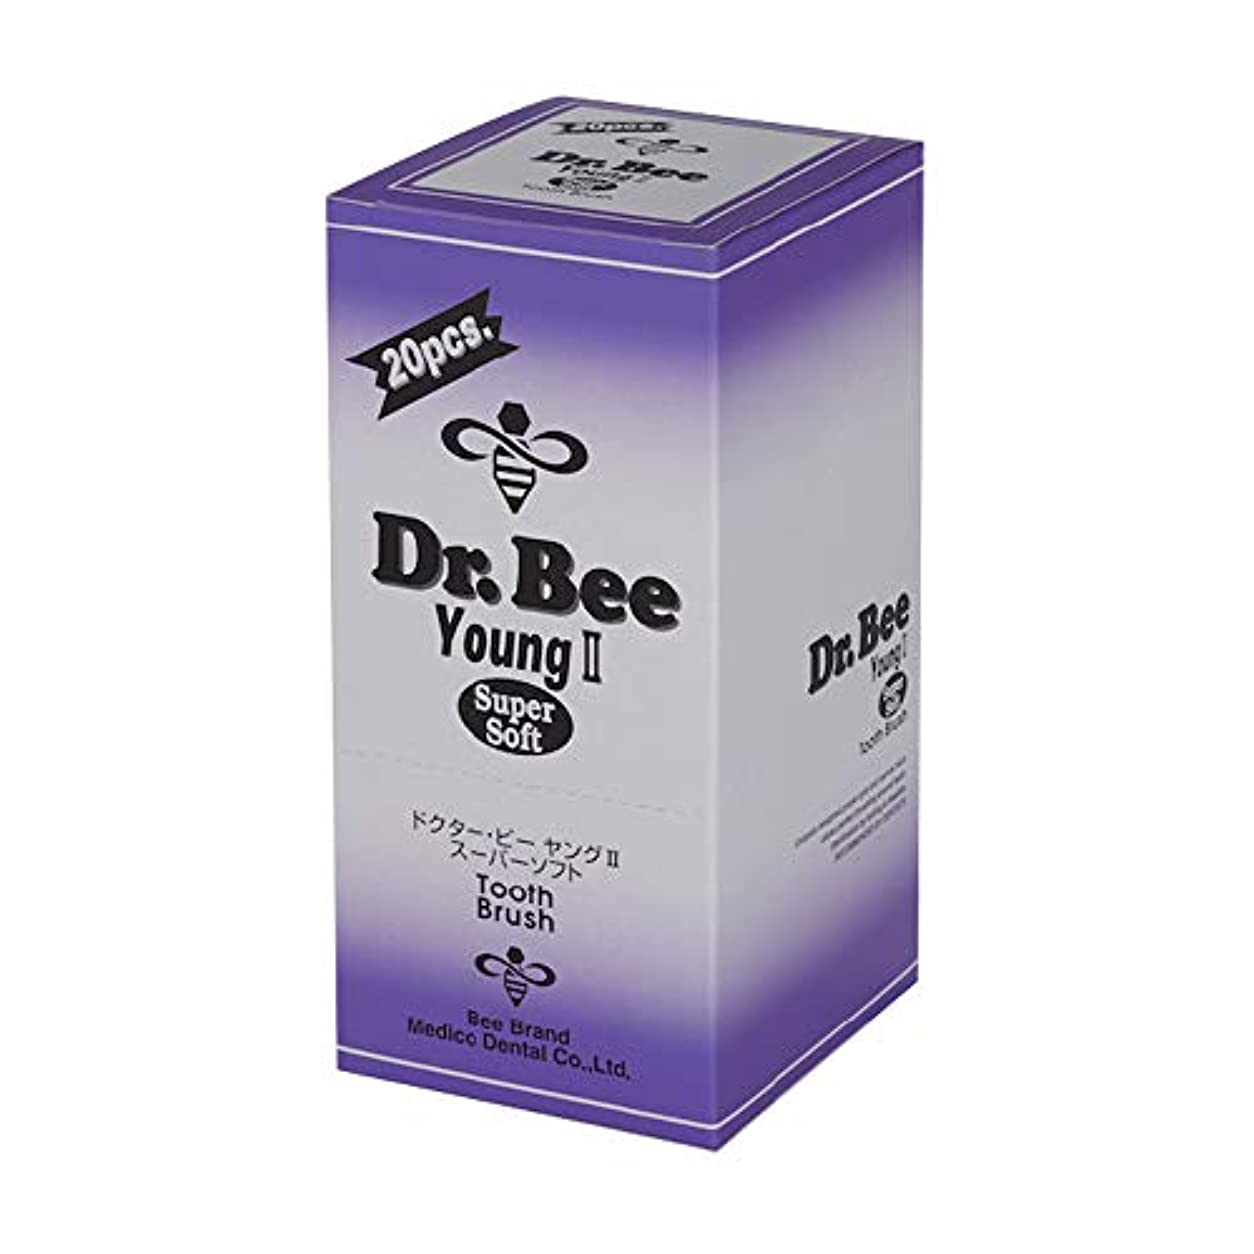 容疑者味値下げDr.Bee ヤングⅡ スーパーソフト 20本入り